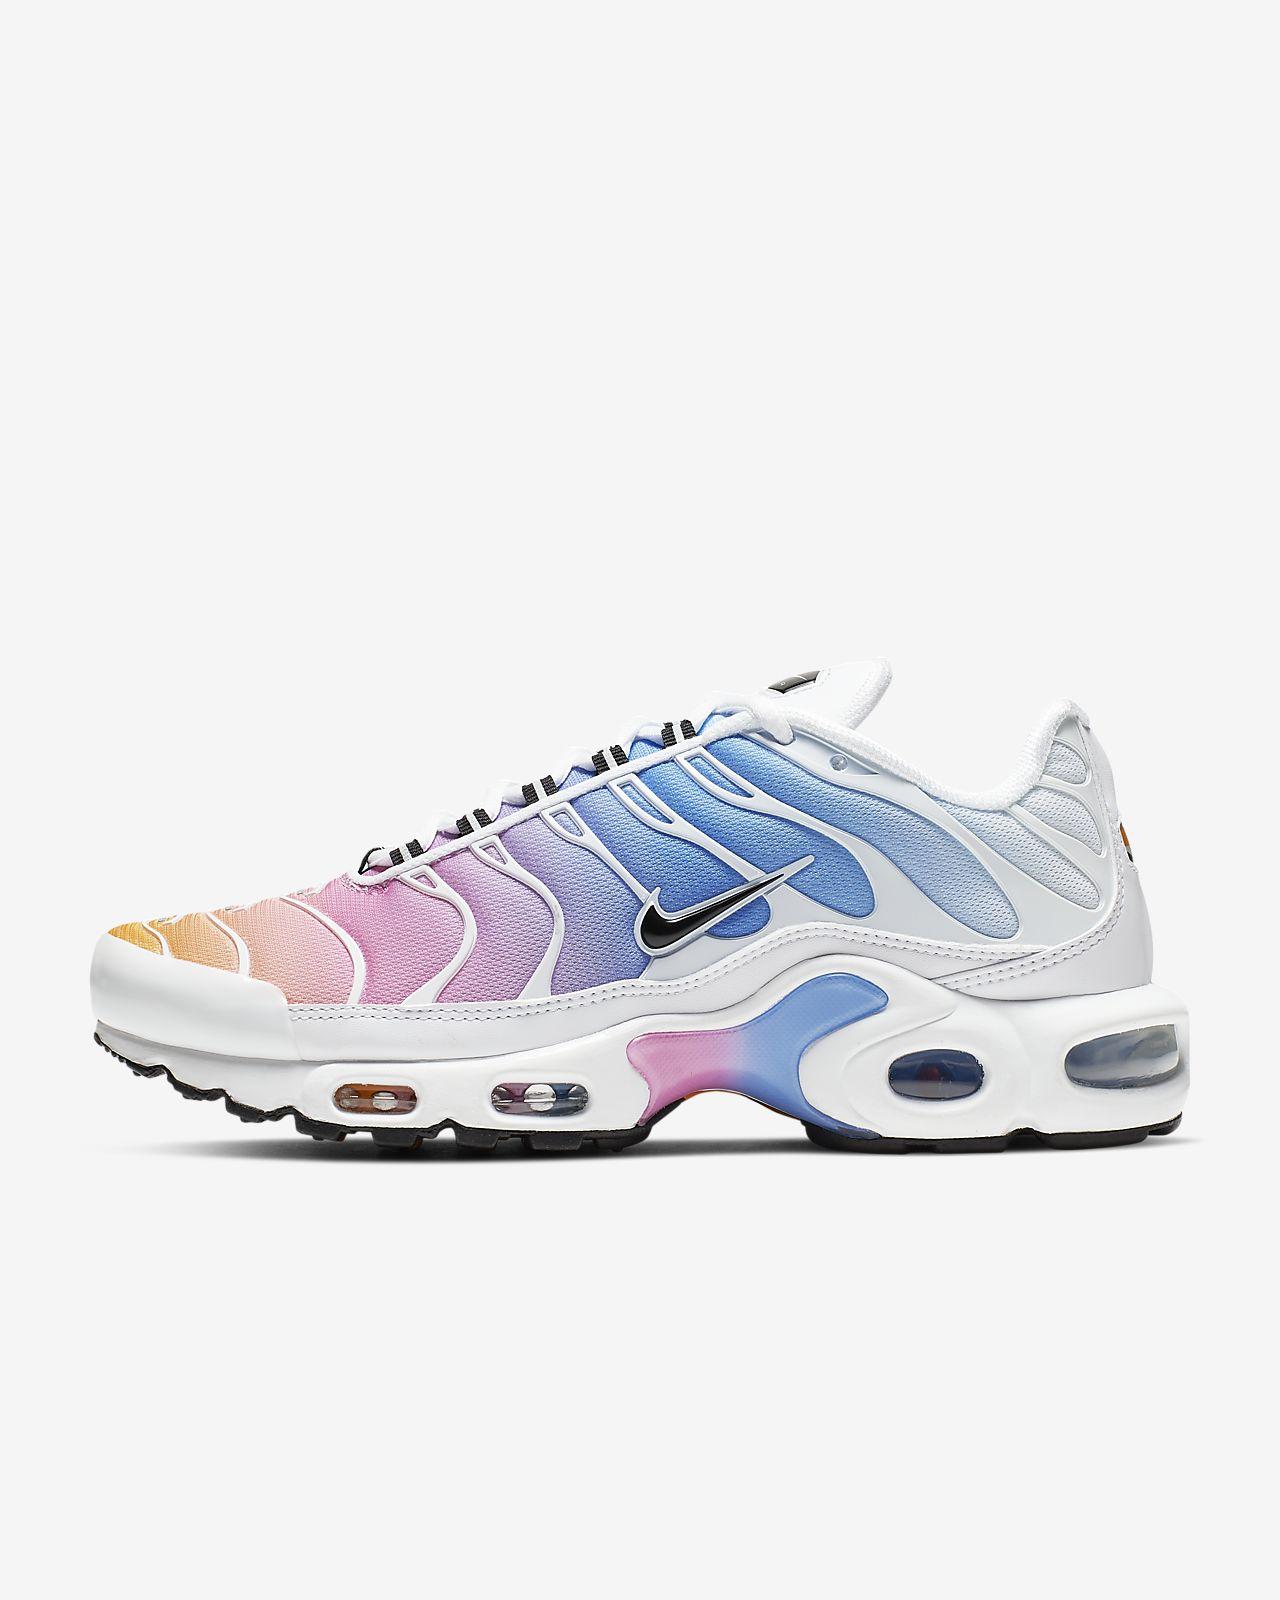 Nike Air Max Plus-sko